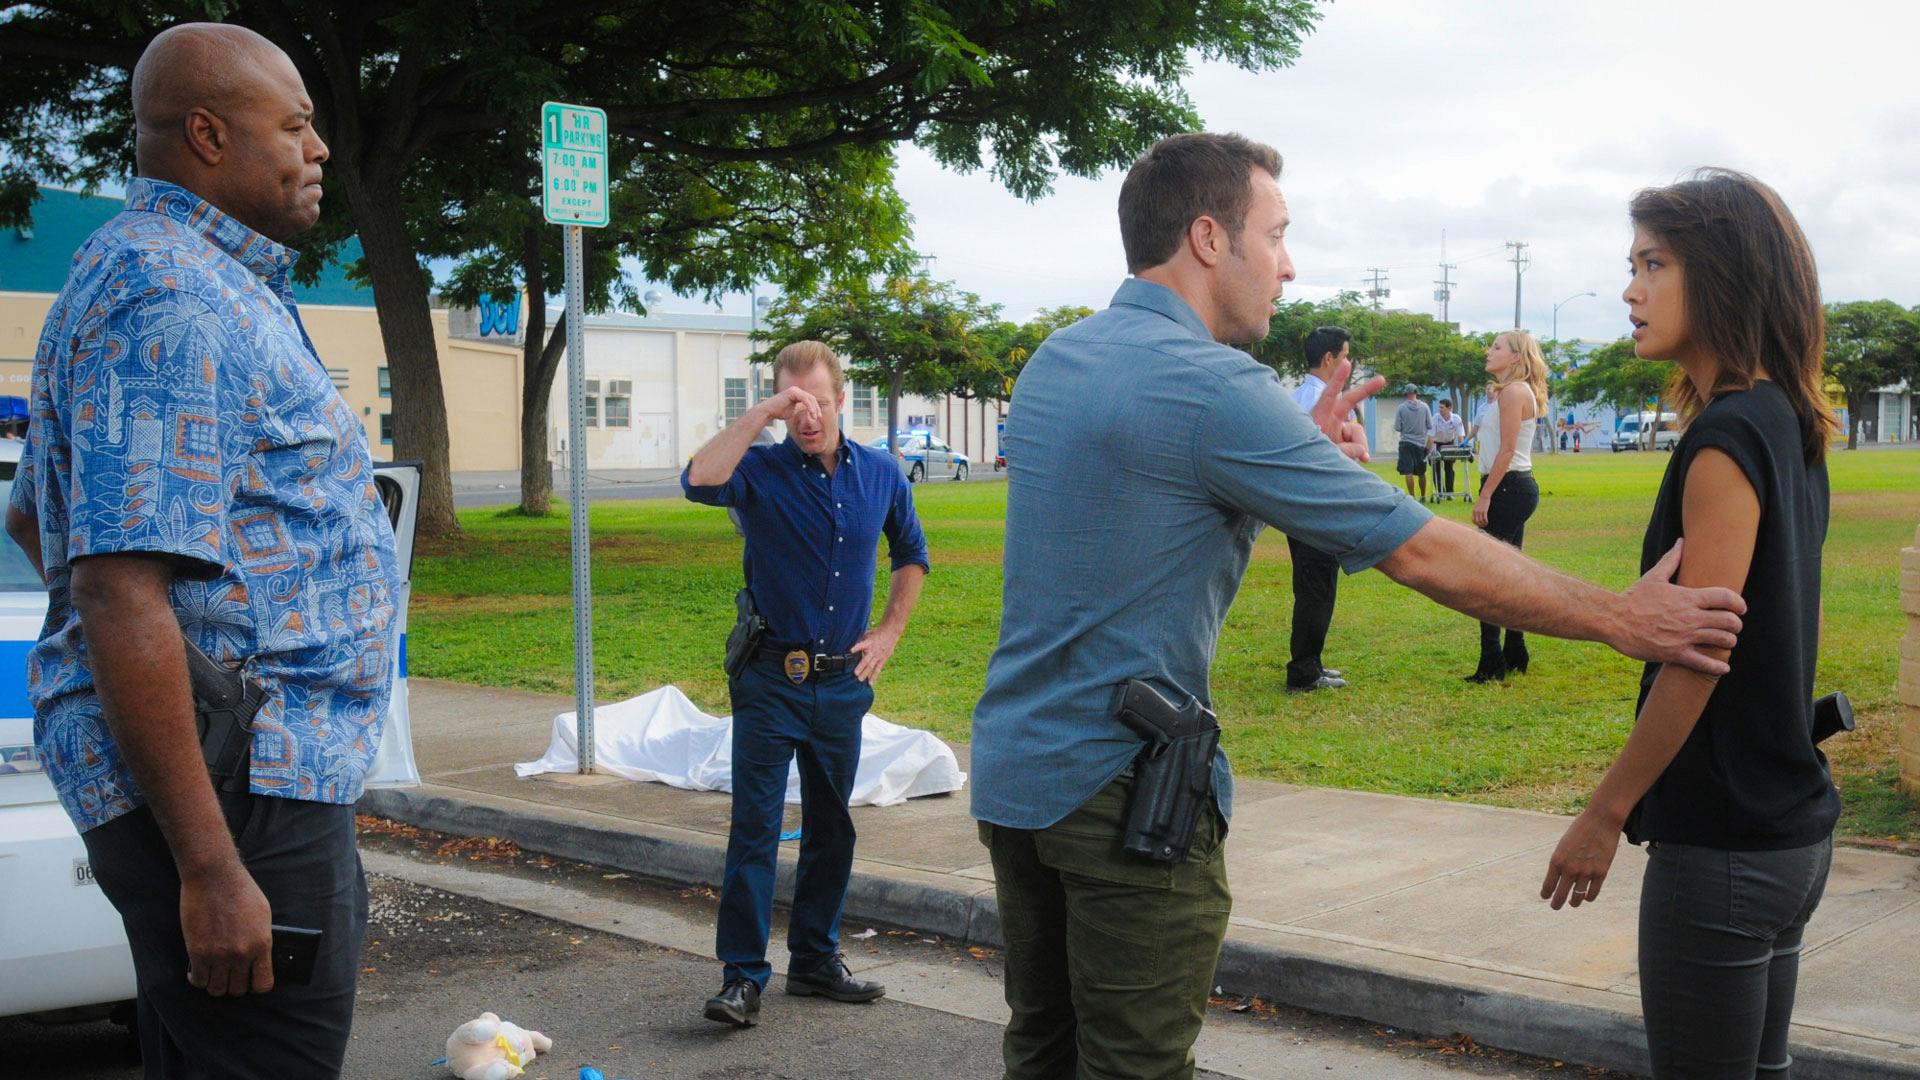 Hawaii Five-0 follows a puzzling murder case.